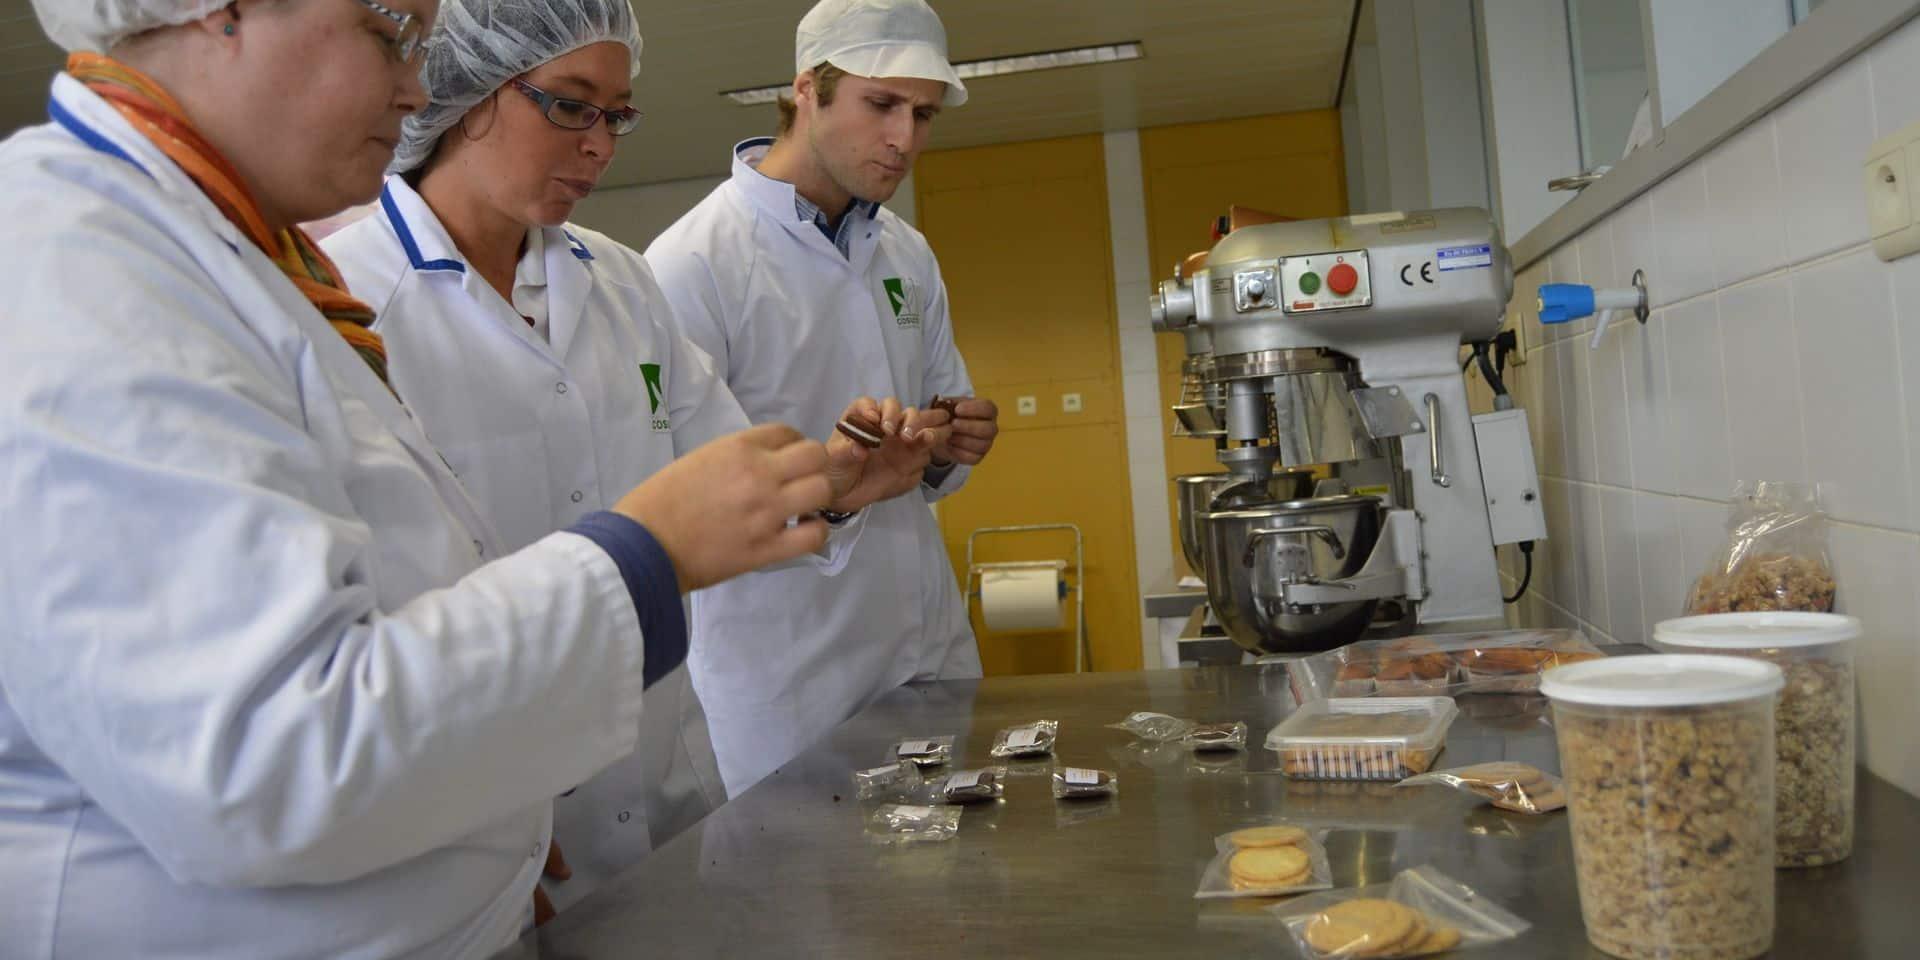 La Wallonie et l'Europe octroient une aide de 10 millions d'euros à la société Cosucra située à Warcoing